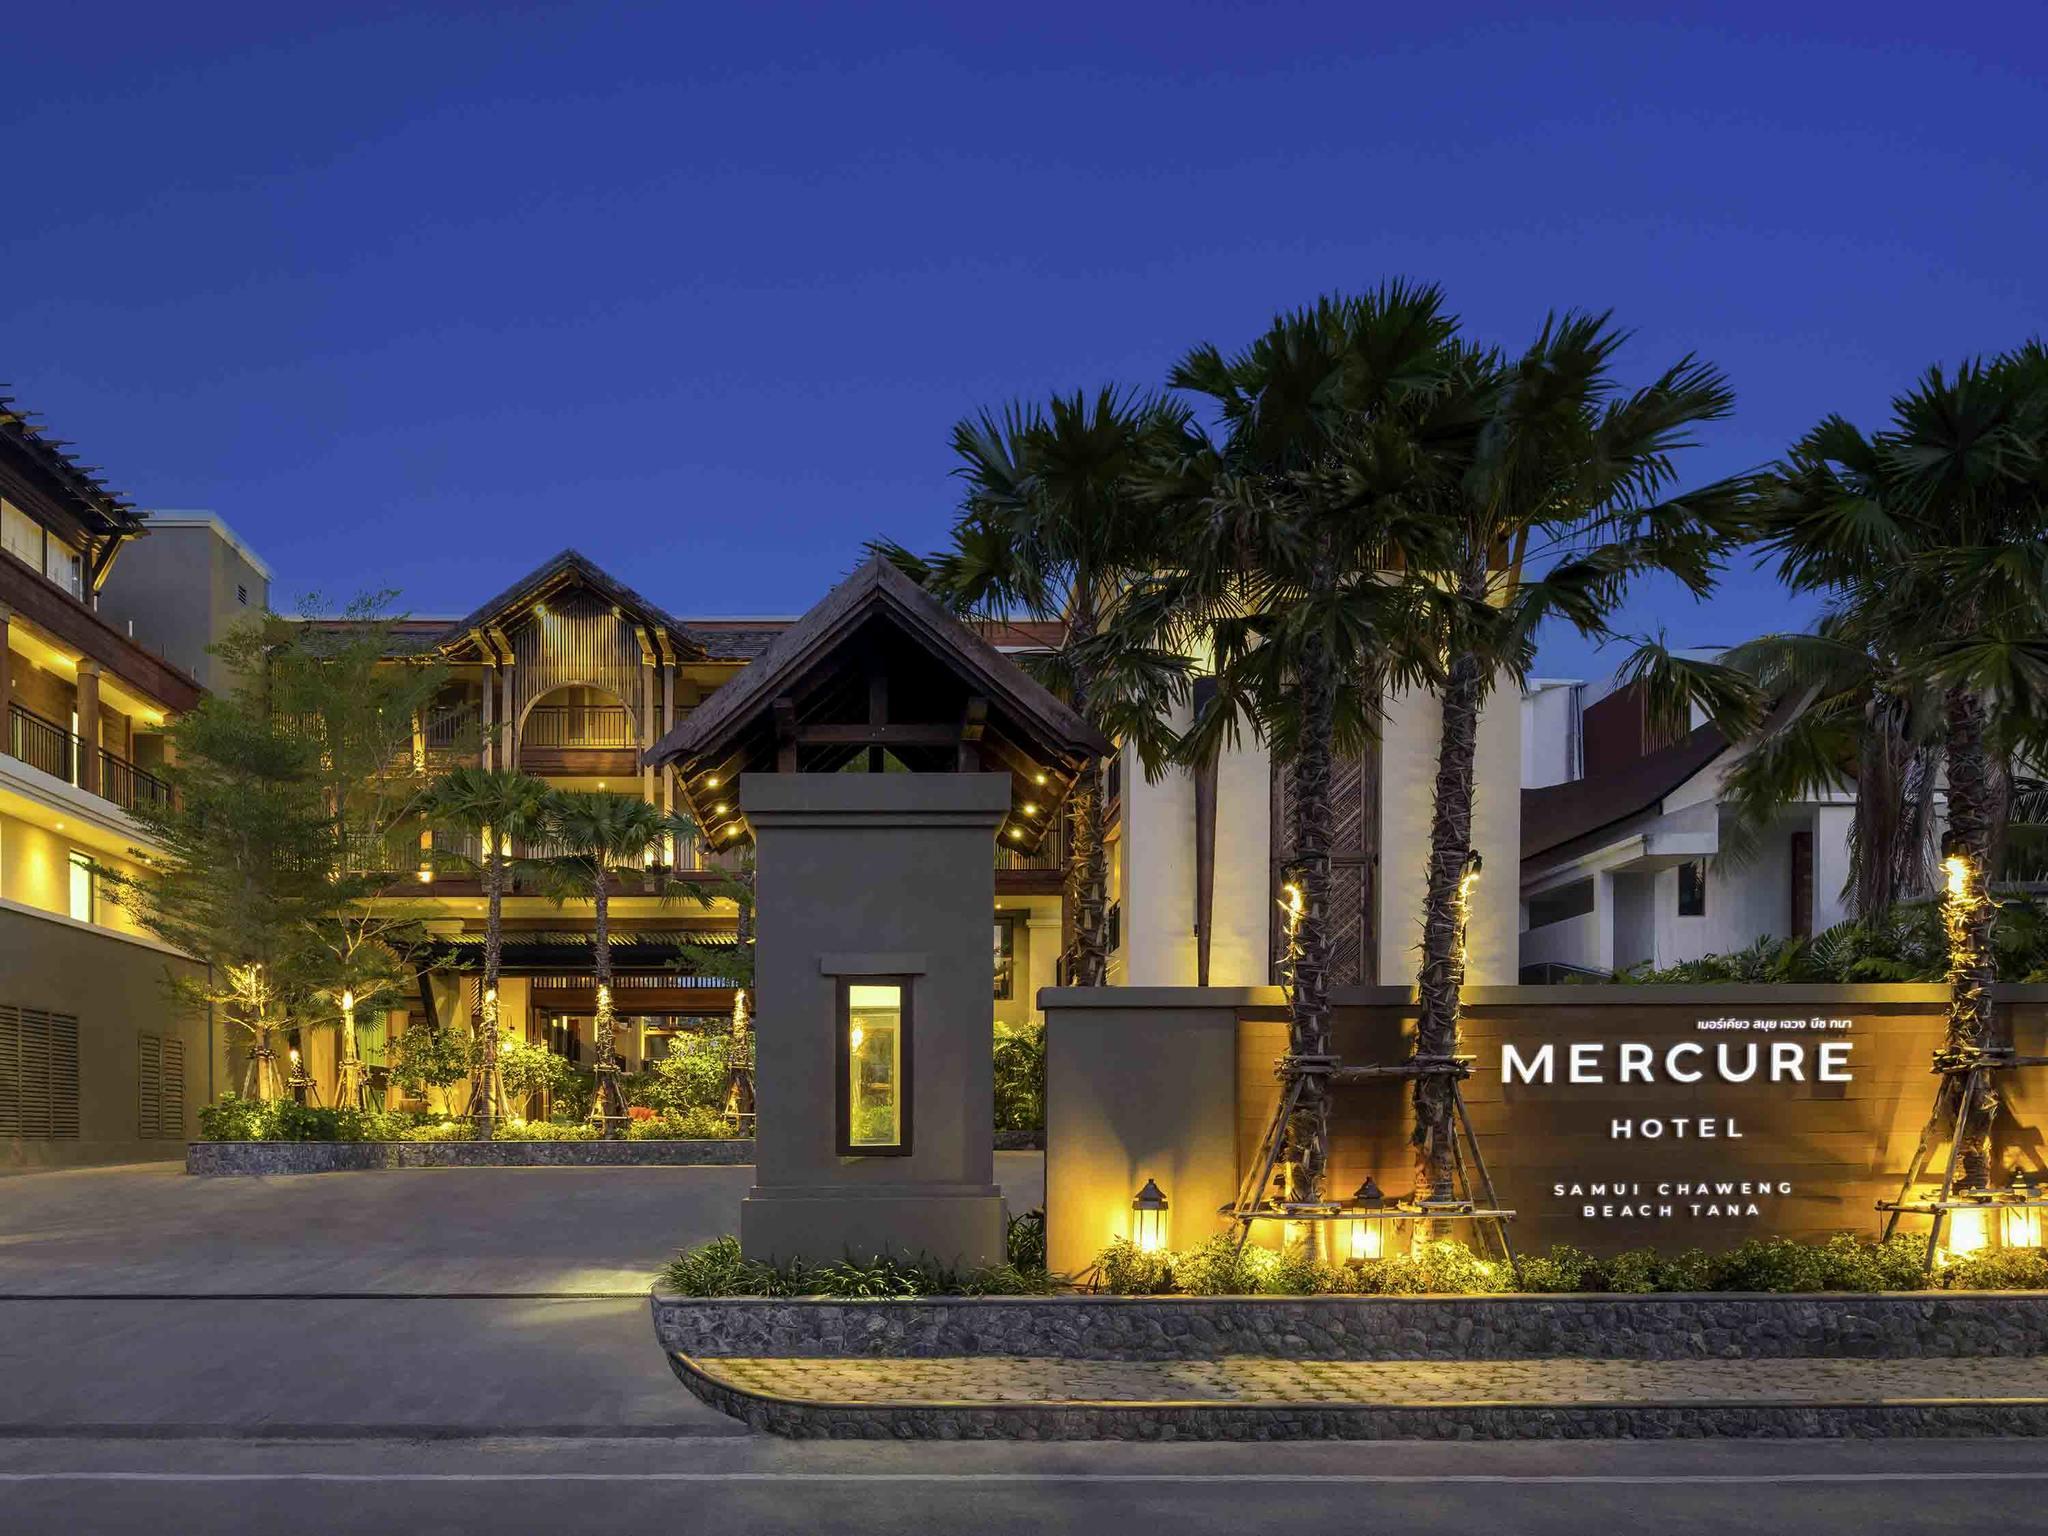 Hotel - Mercure Samui Chaweng Tana